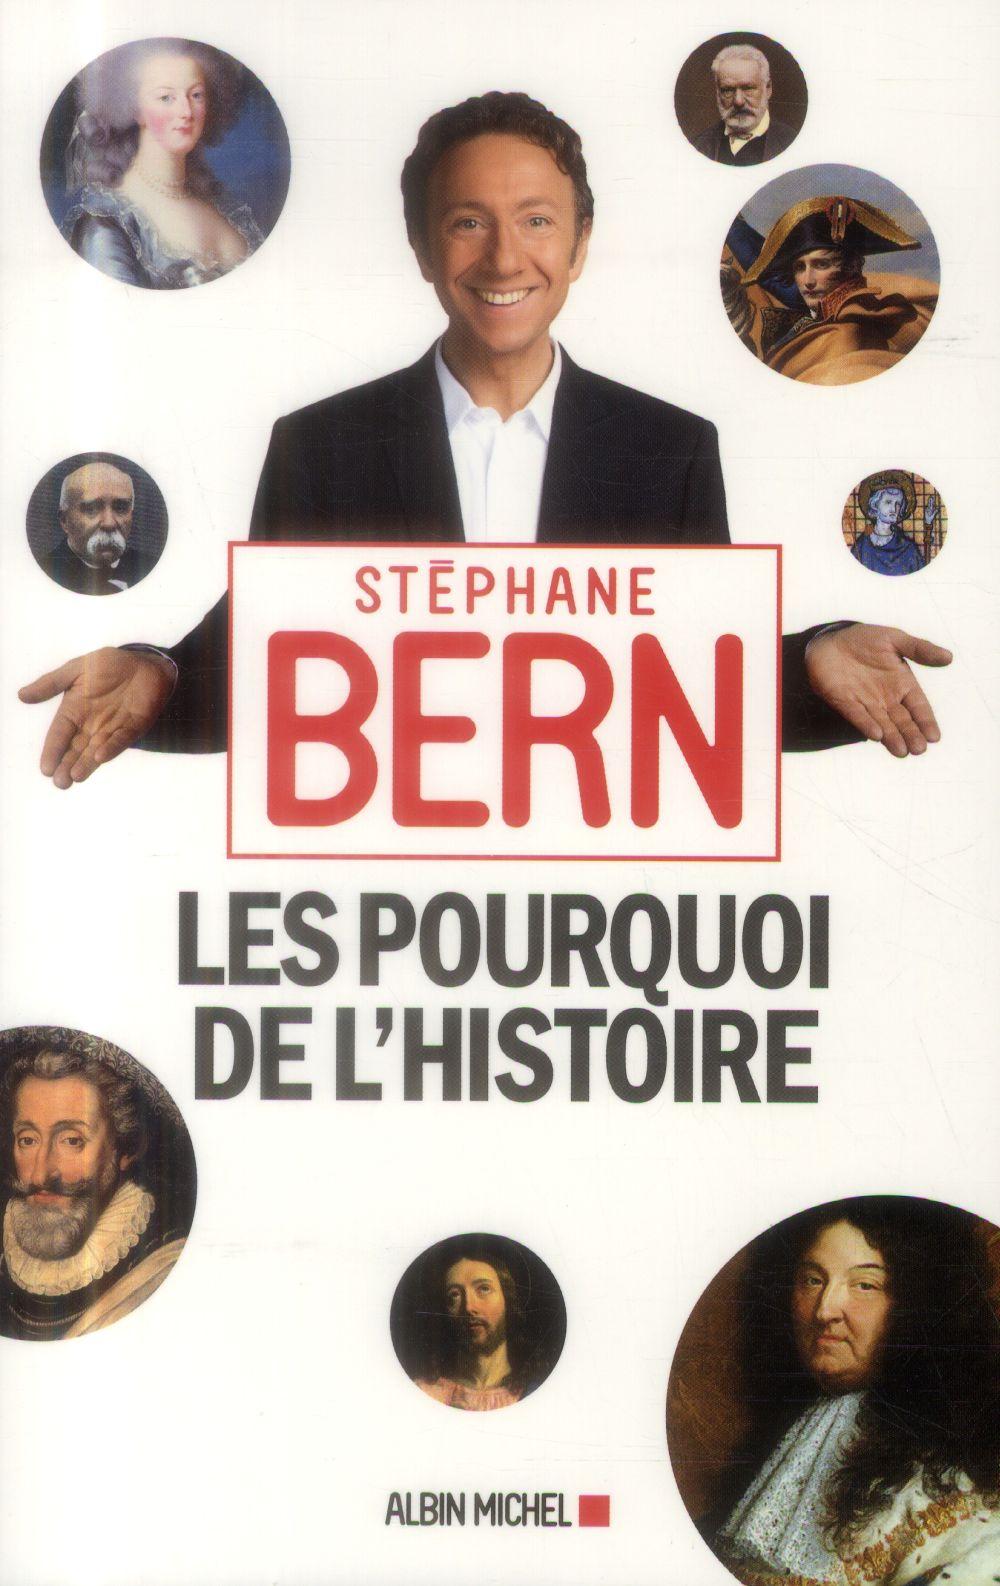 LES POURQUOI DE L'HISTOIRE BERN STEPHANE Albin Michel